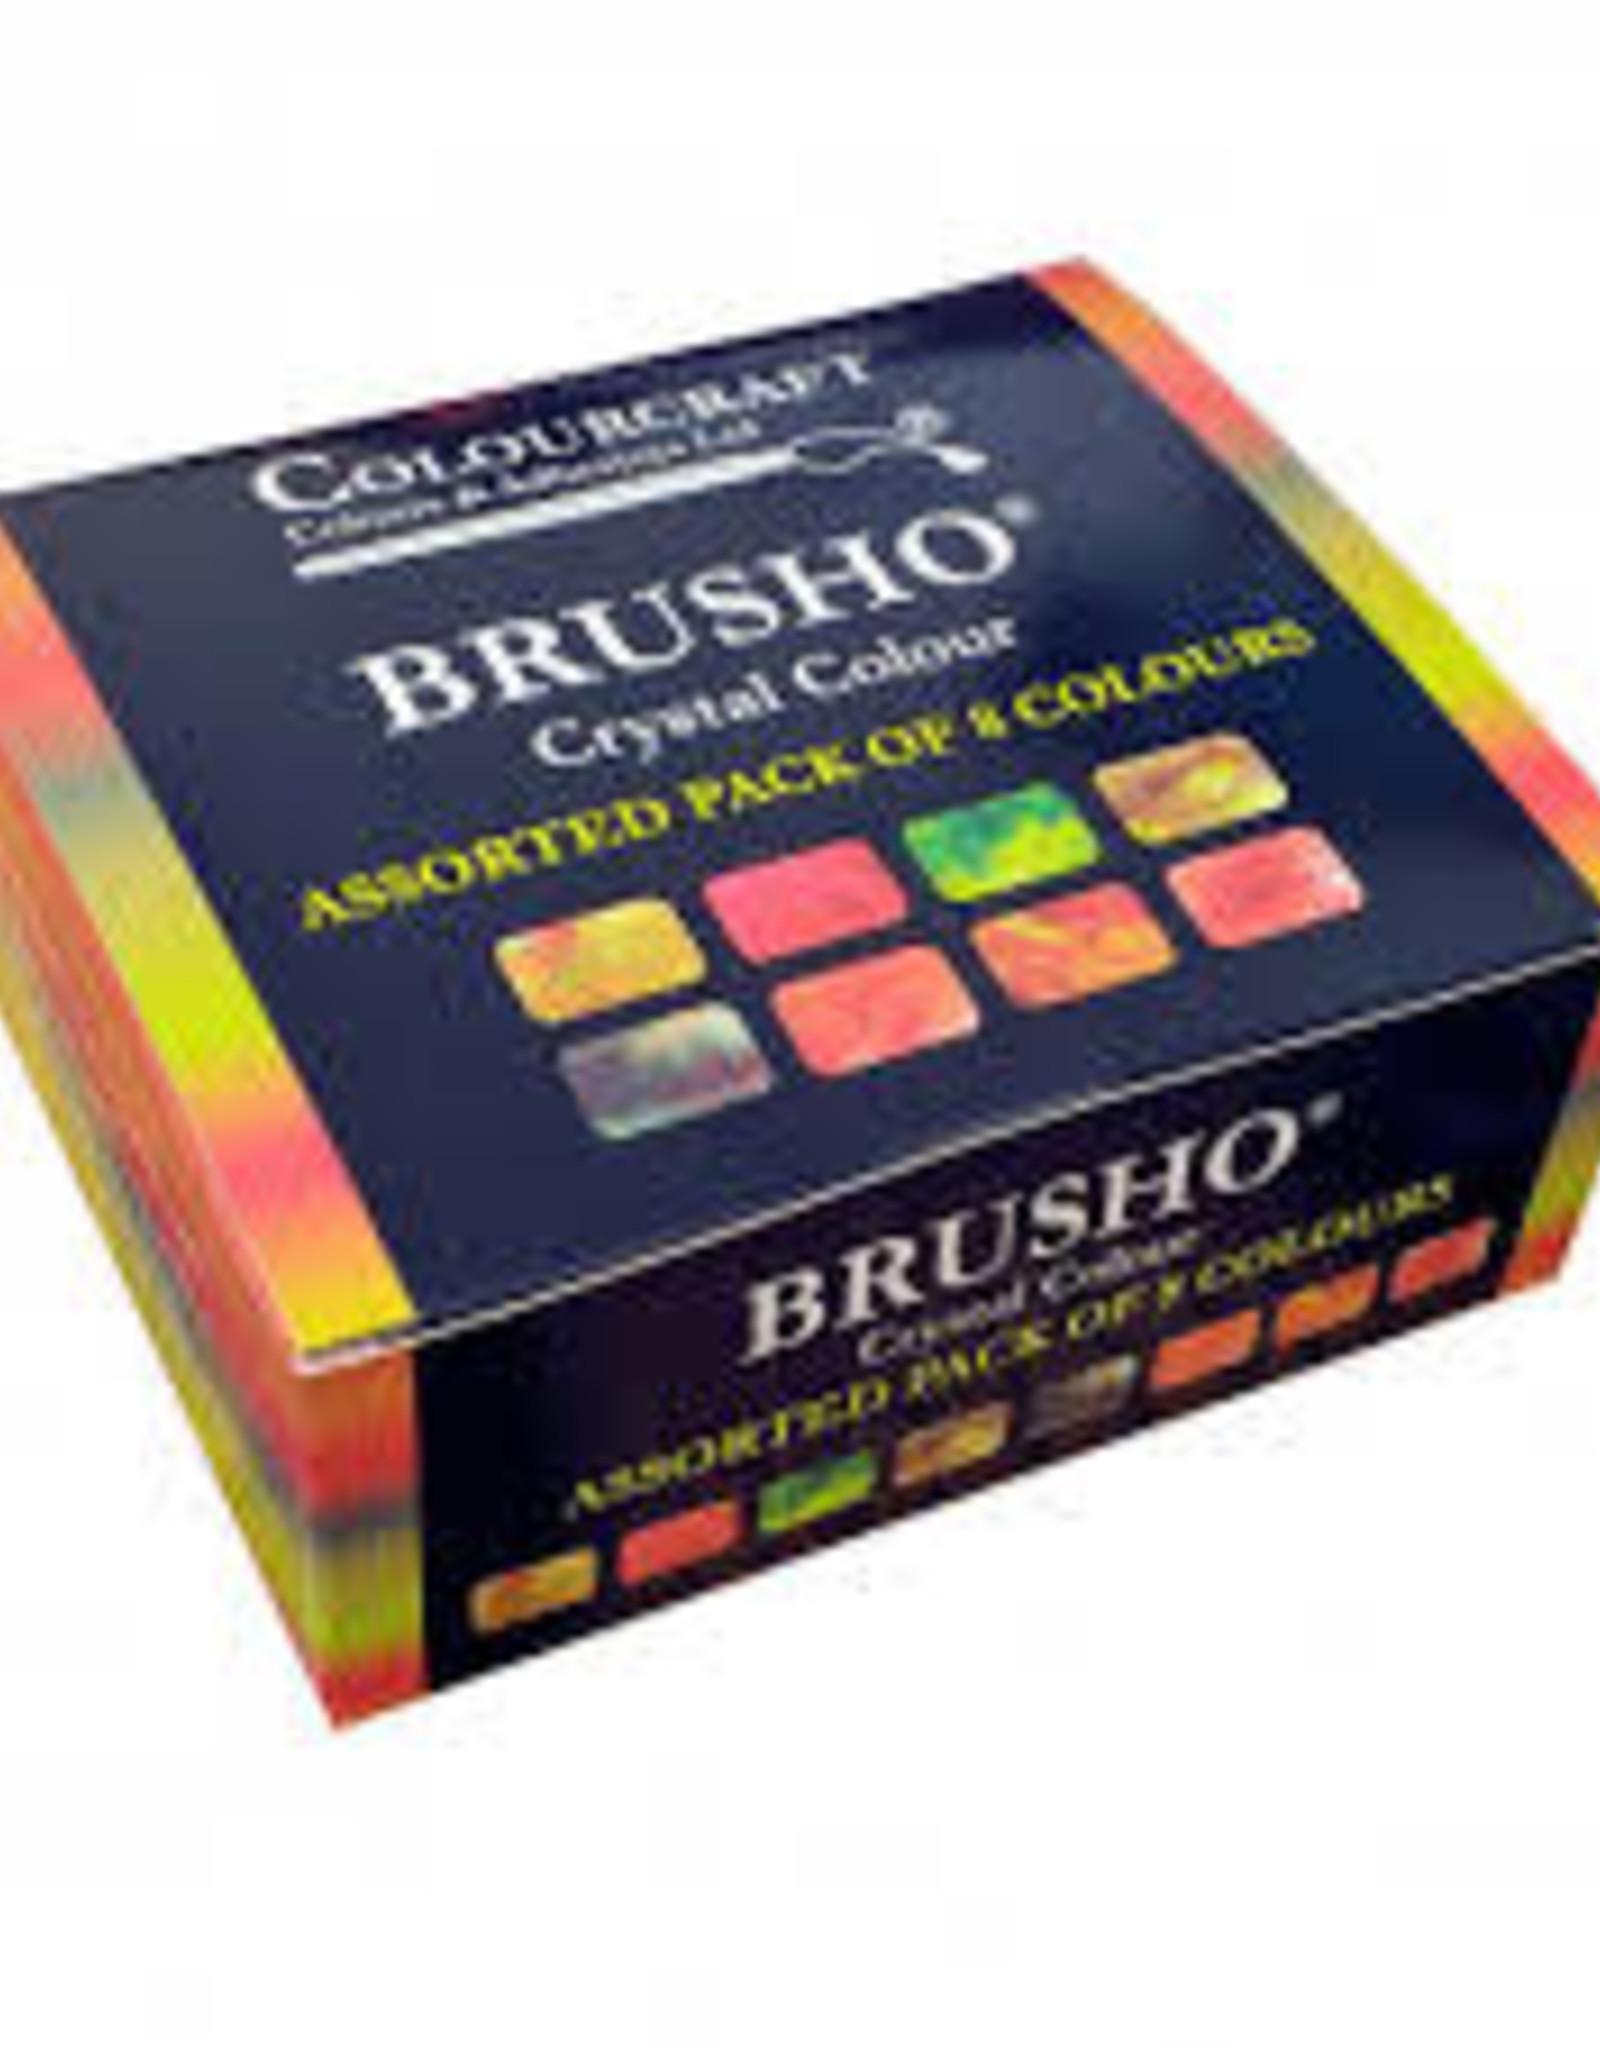 Brusho set van 8